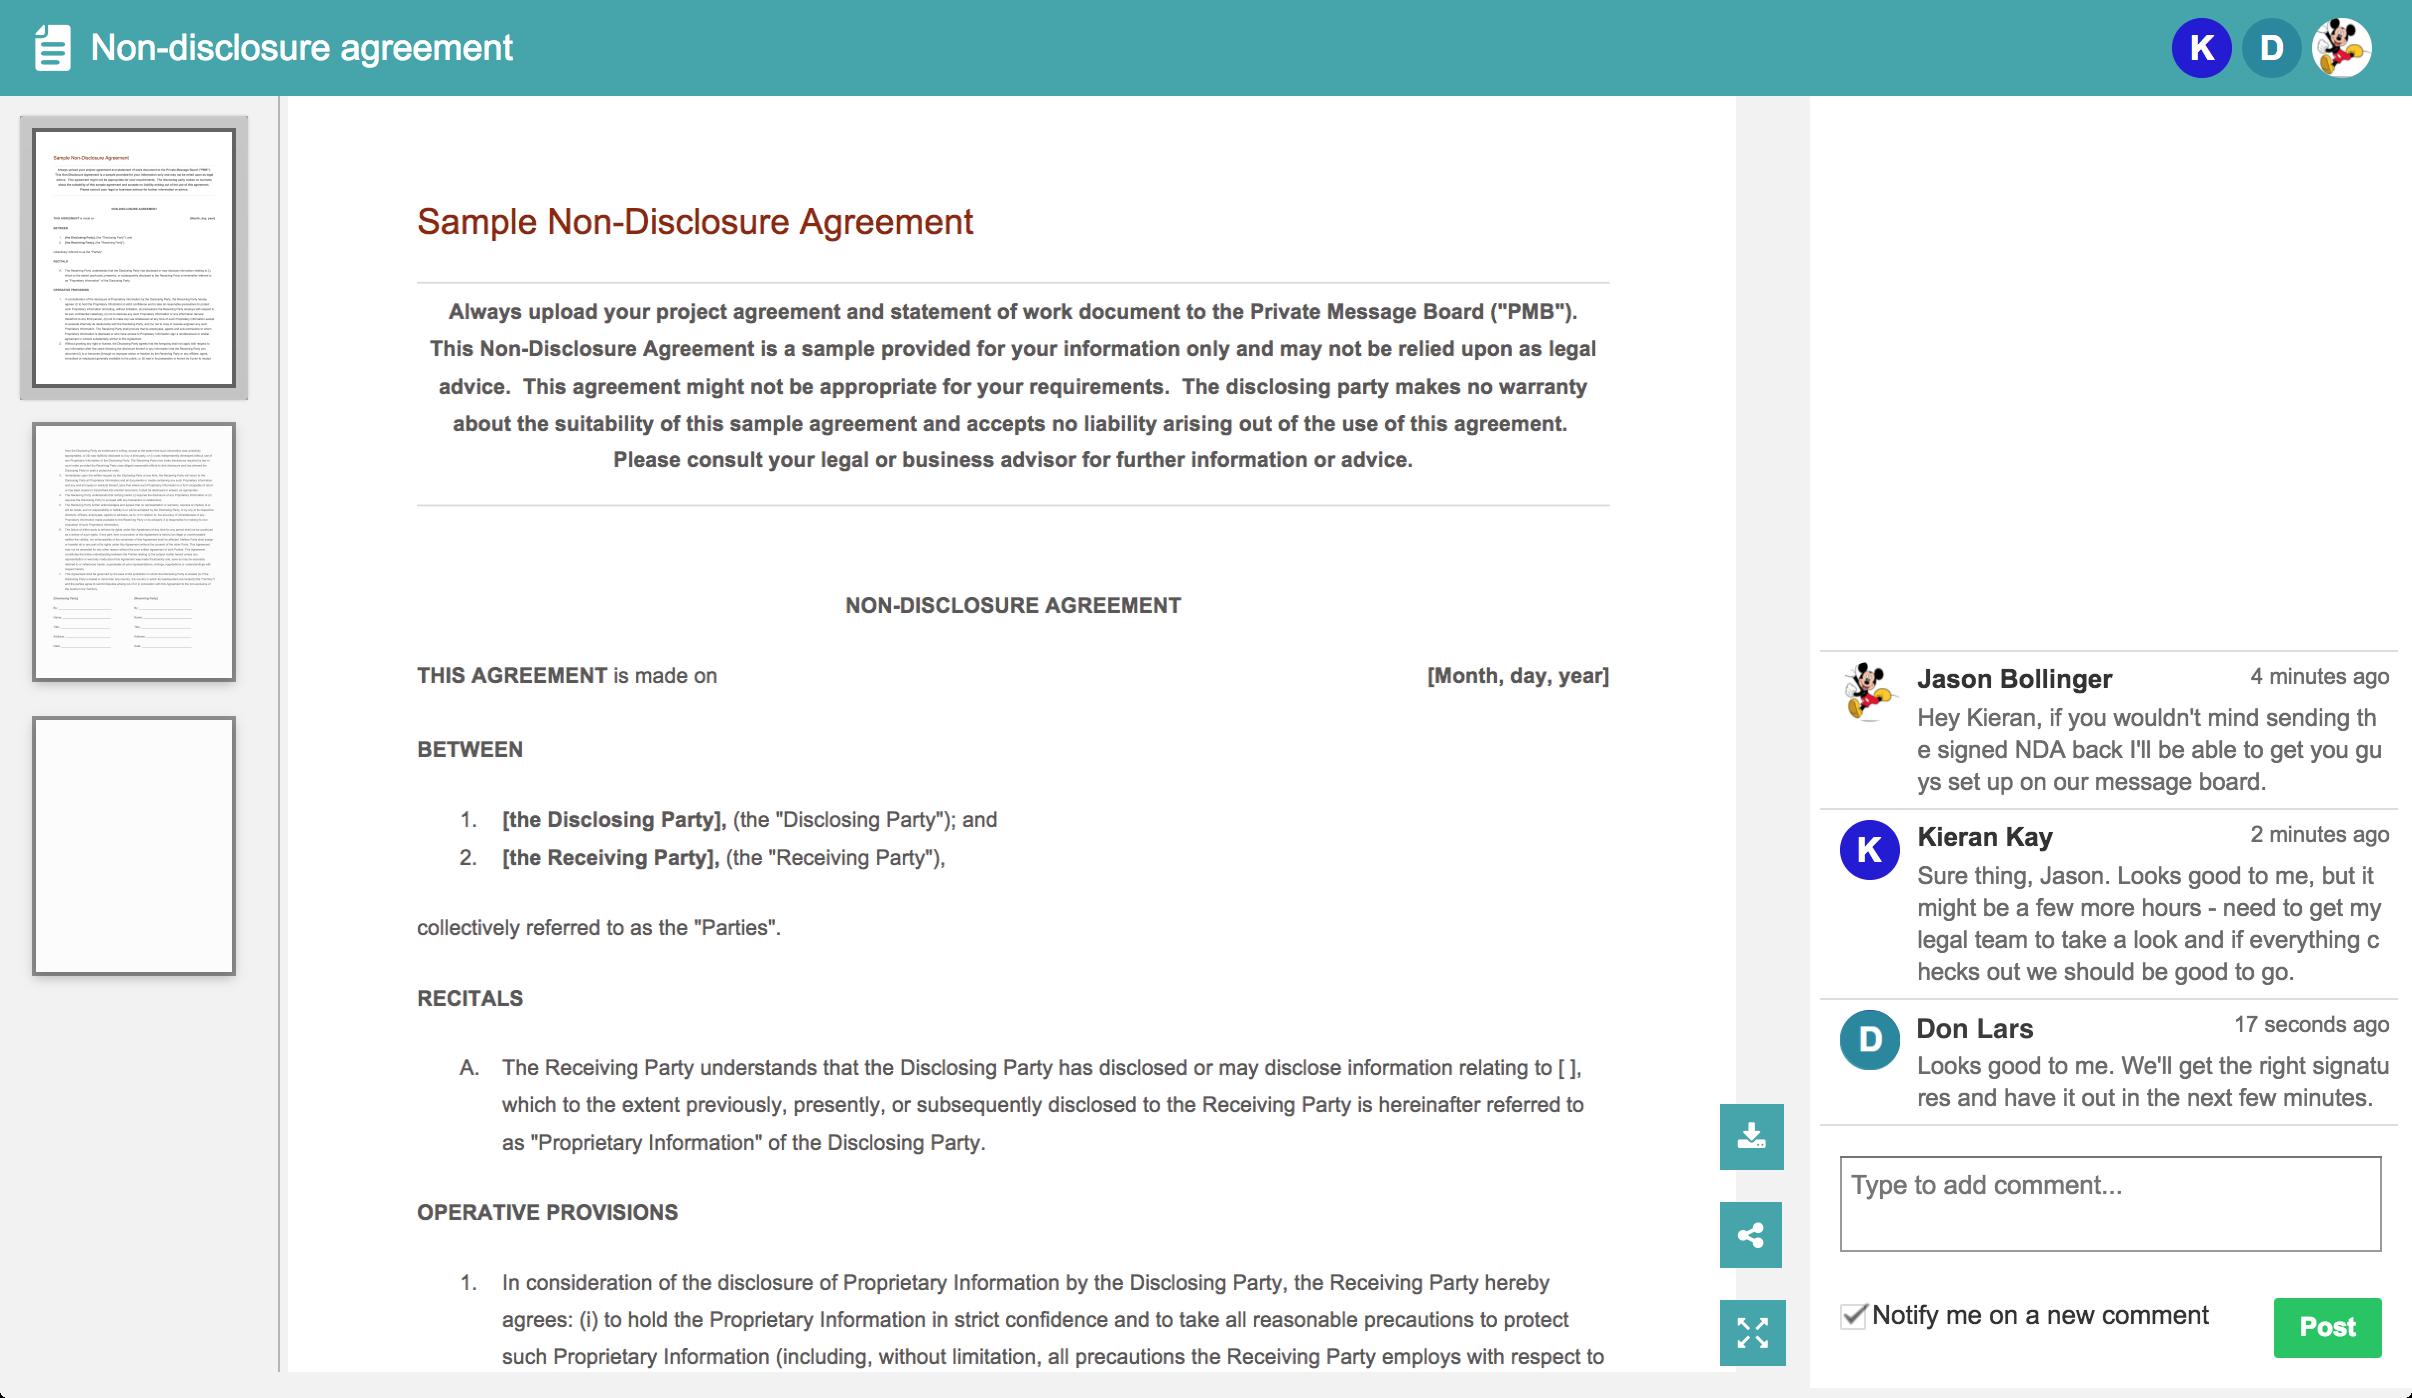 crm document management